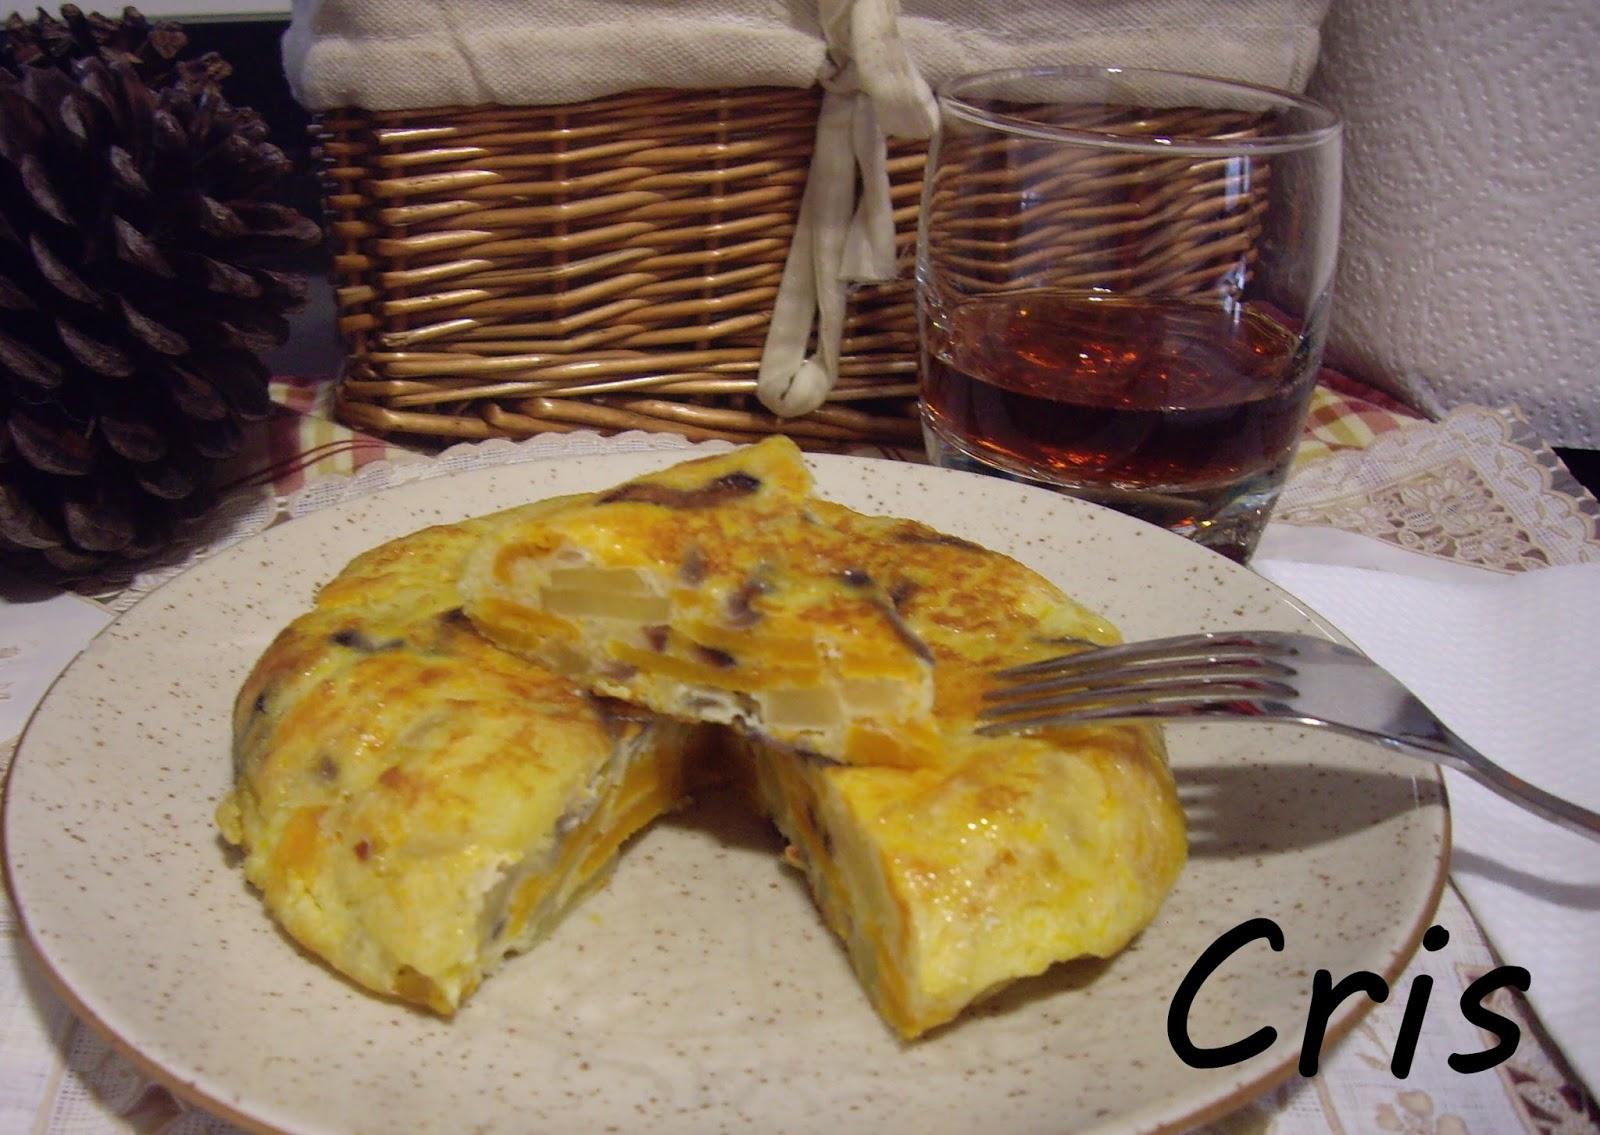 Serendipity by cris tortilla de calabaza en el microondas - Tortilla en el microondas ...